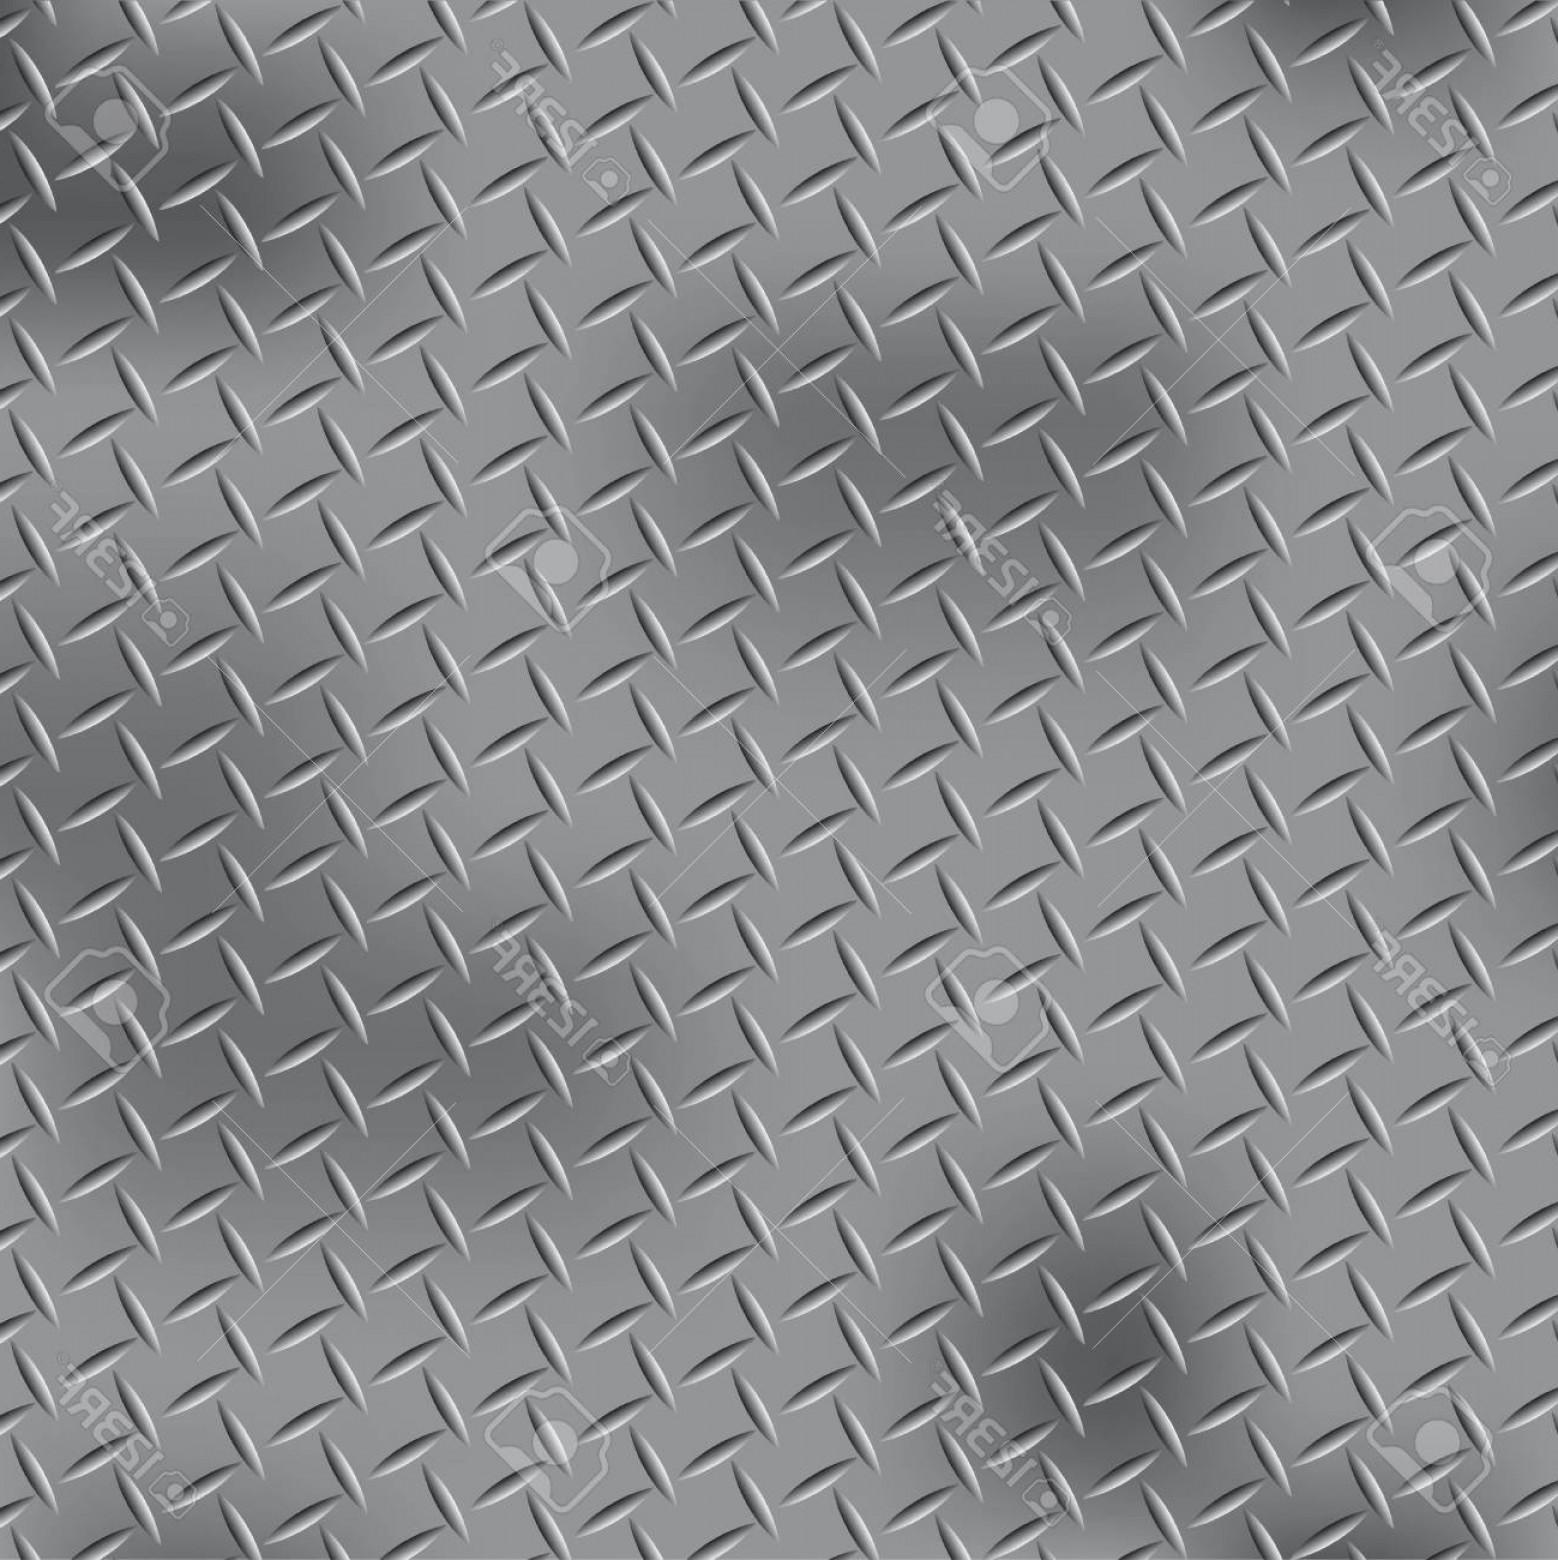 Photostock Vector Steel Diamond Plate Pattern | CreateMePink